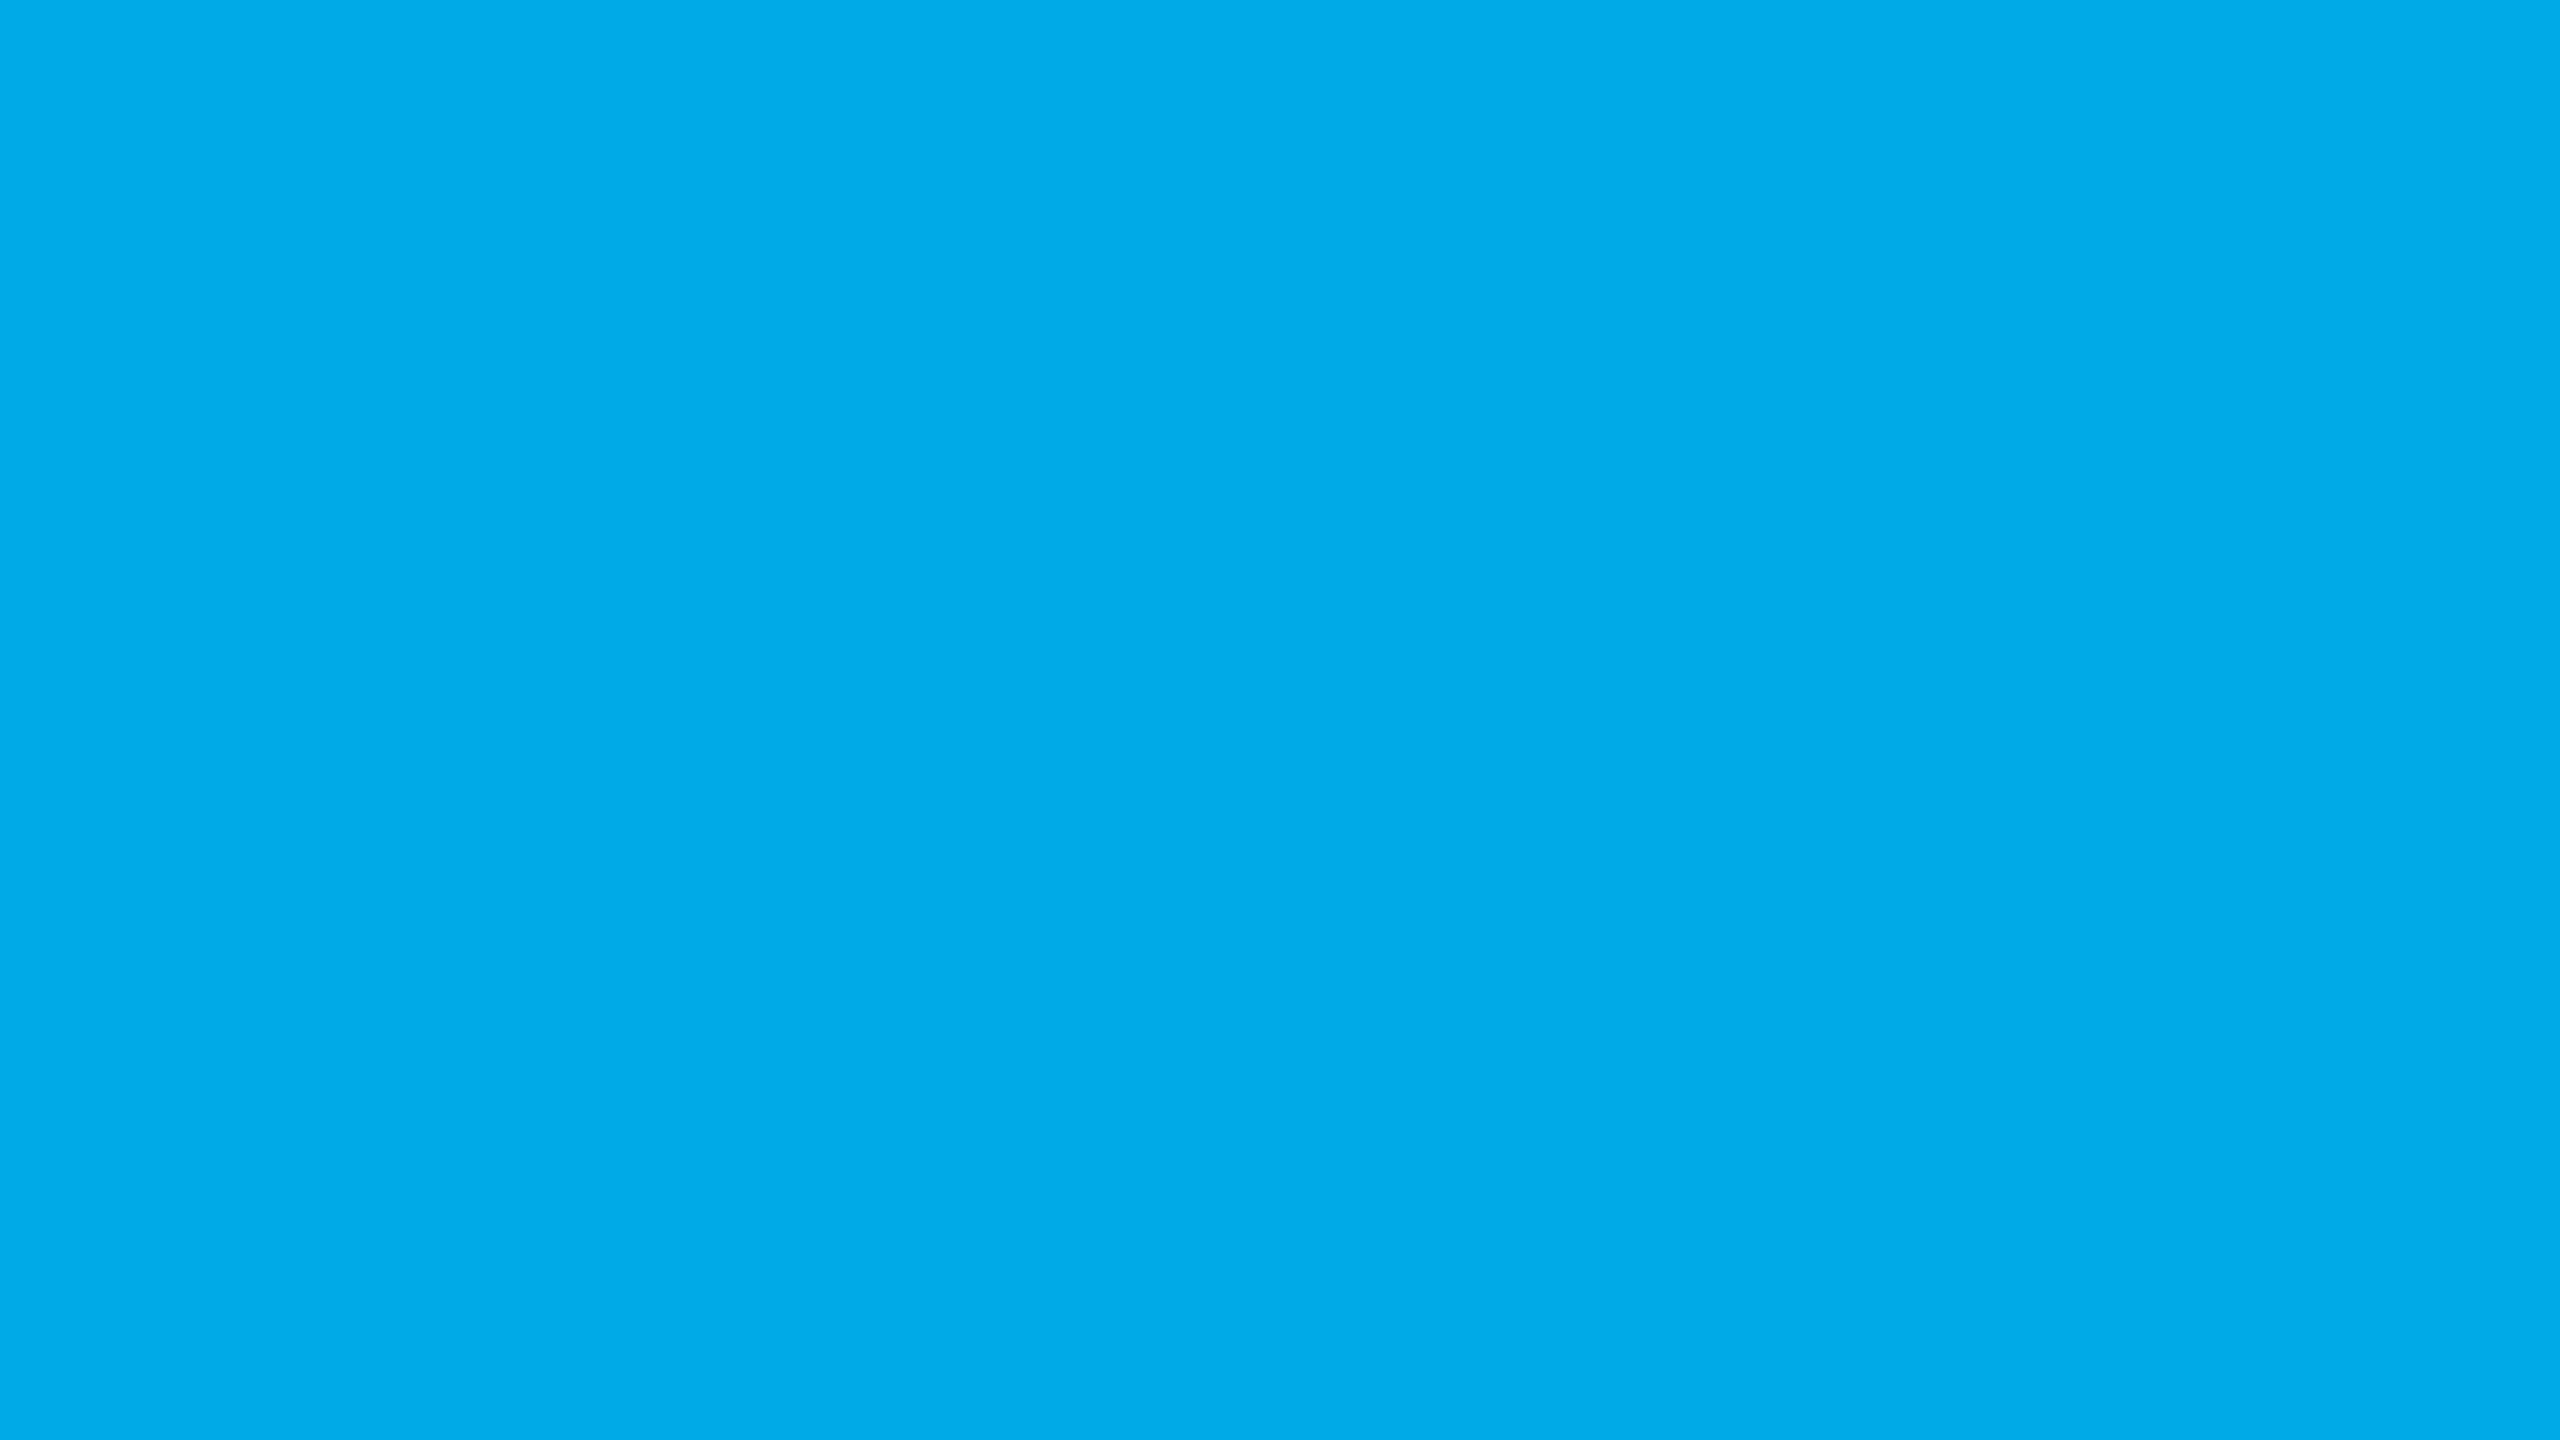 Free Solid Color Wallpaper - WallpaperSafari